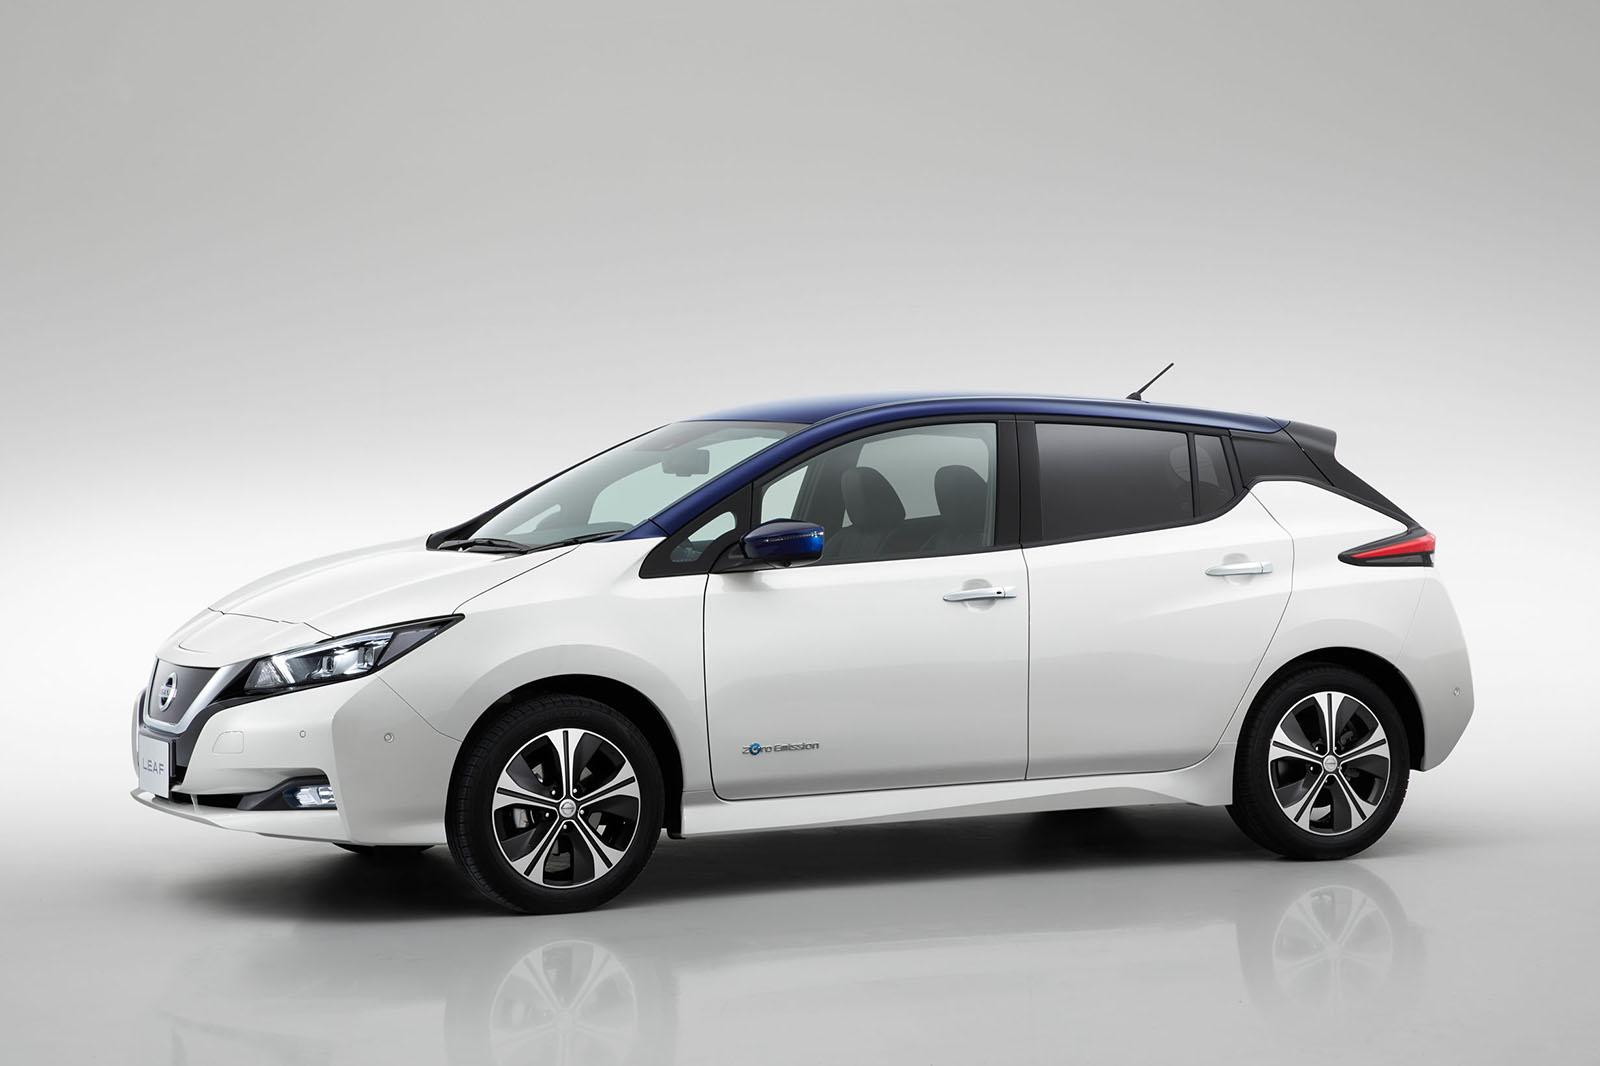 Nissan Leaf Review 2017 >> Nissan Leaf 2018 Prototype Review New Ev Driven Autocar